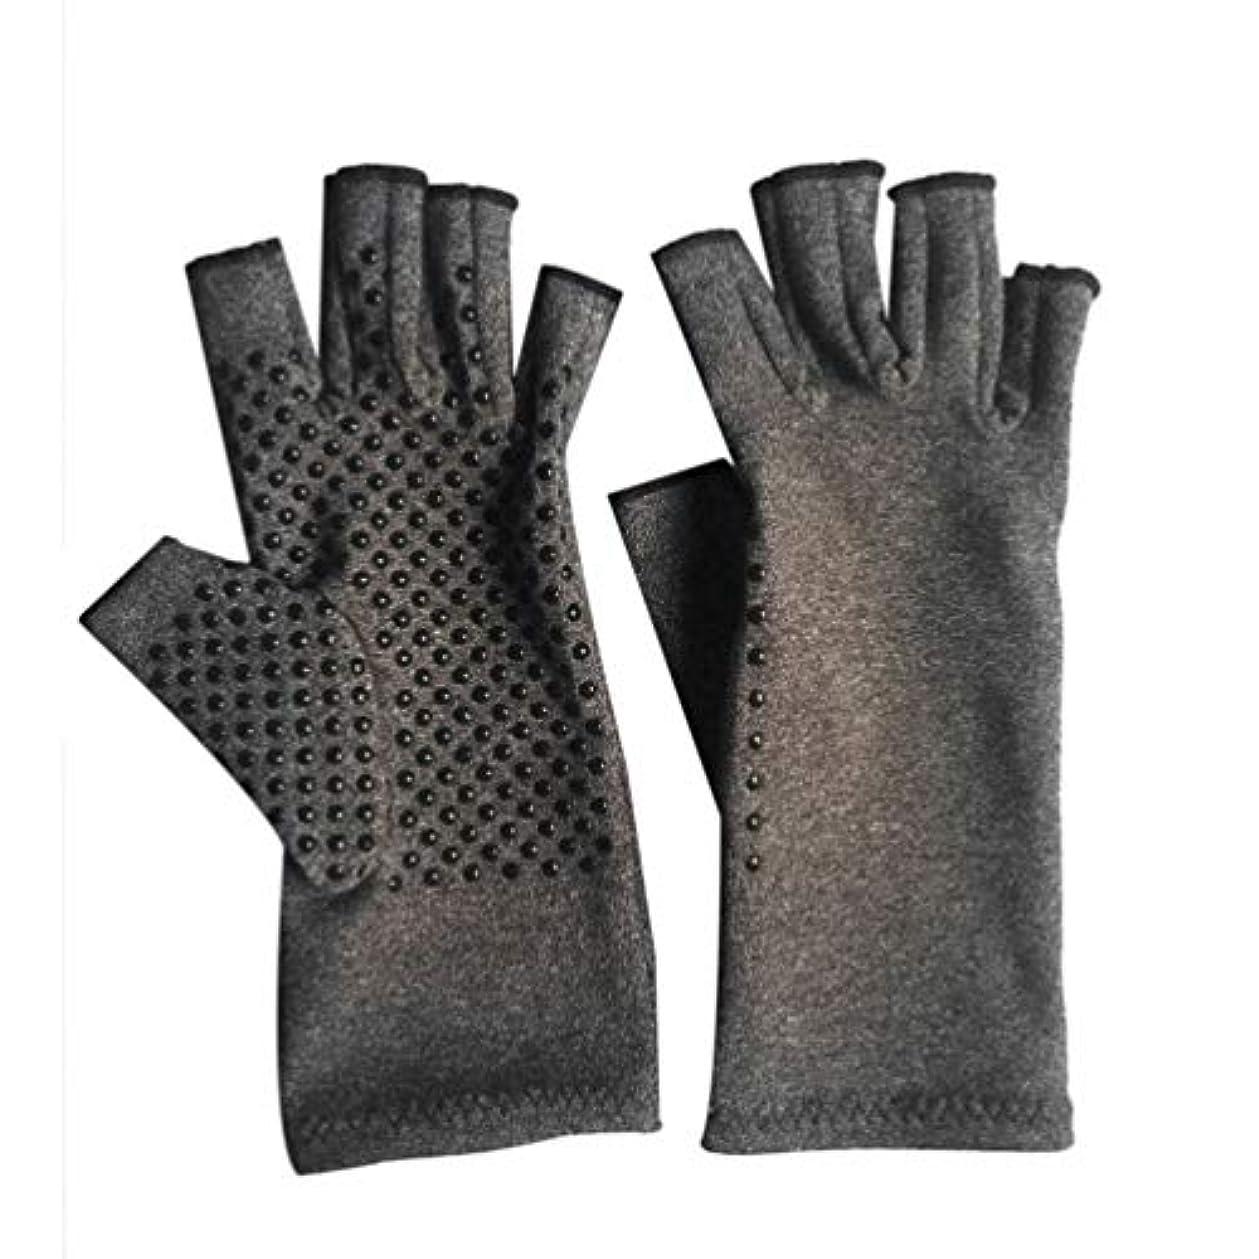 素晴らしい不確実毒性1ペアユニセックス男性女性療法圧縮手袋関節炎関節痛緩和ヘルスケア半指手袋トレーニング手袋 - グレーM